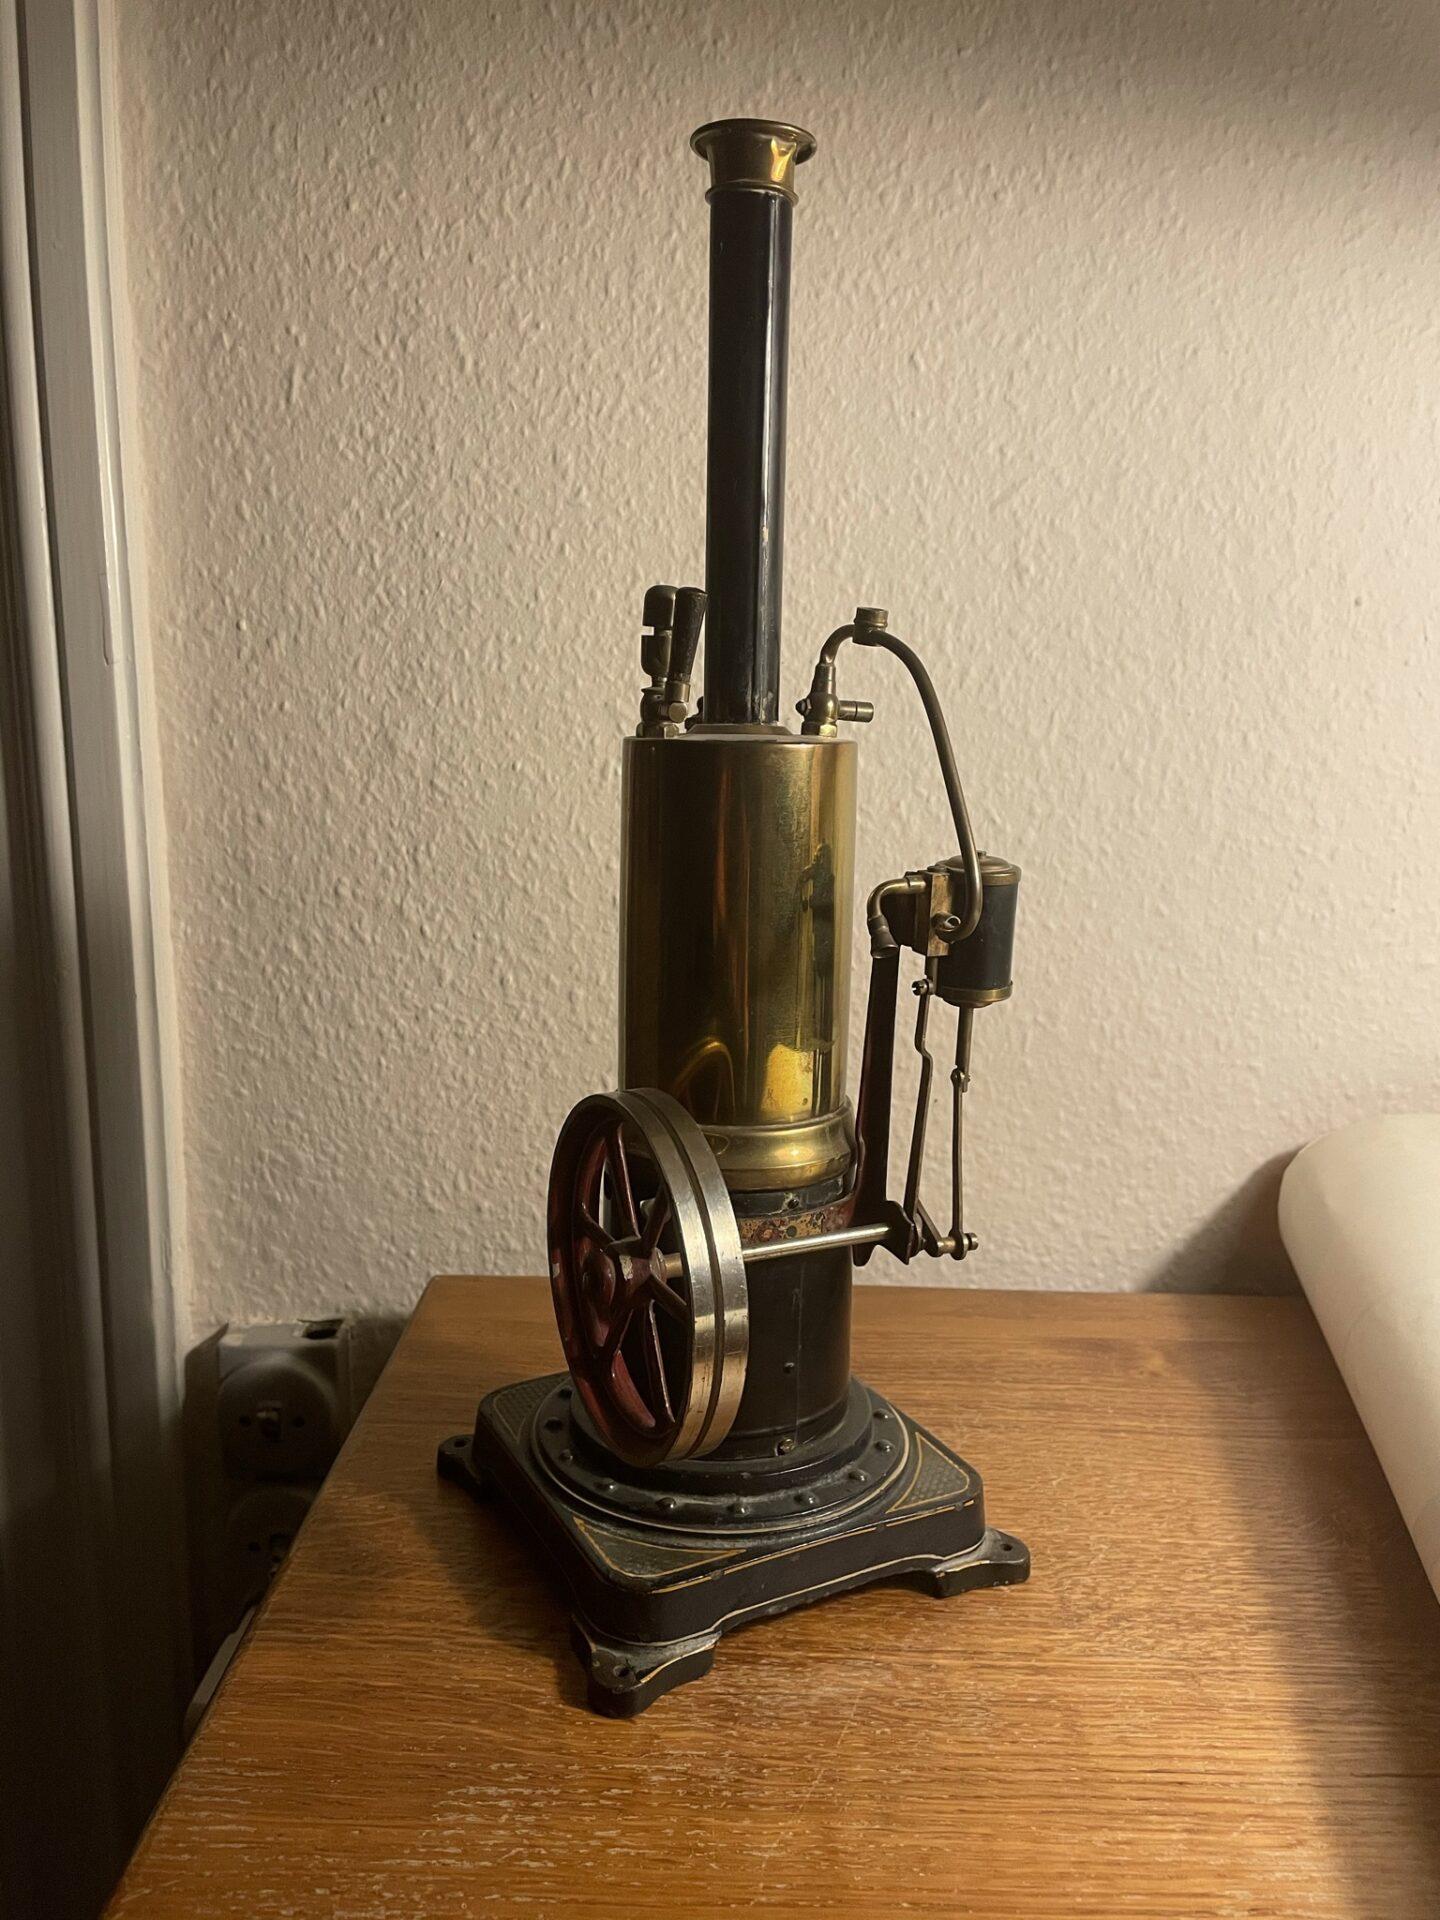 Antik legetøjs dampmaskine, messing, h=40 cm, pris 1500kr